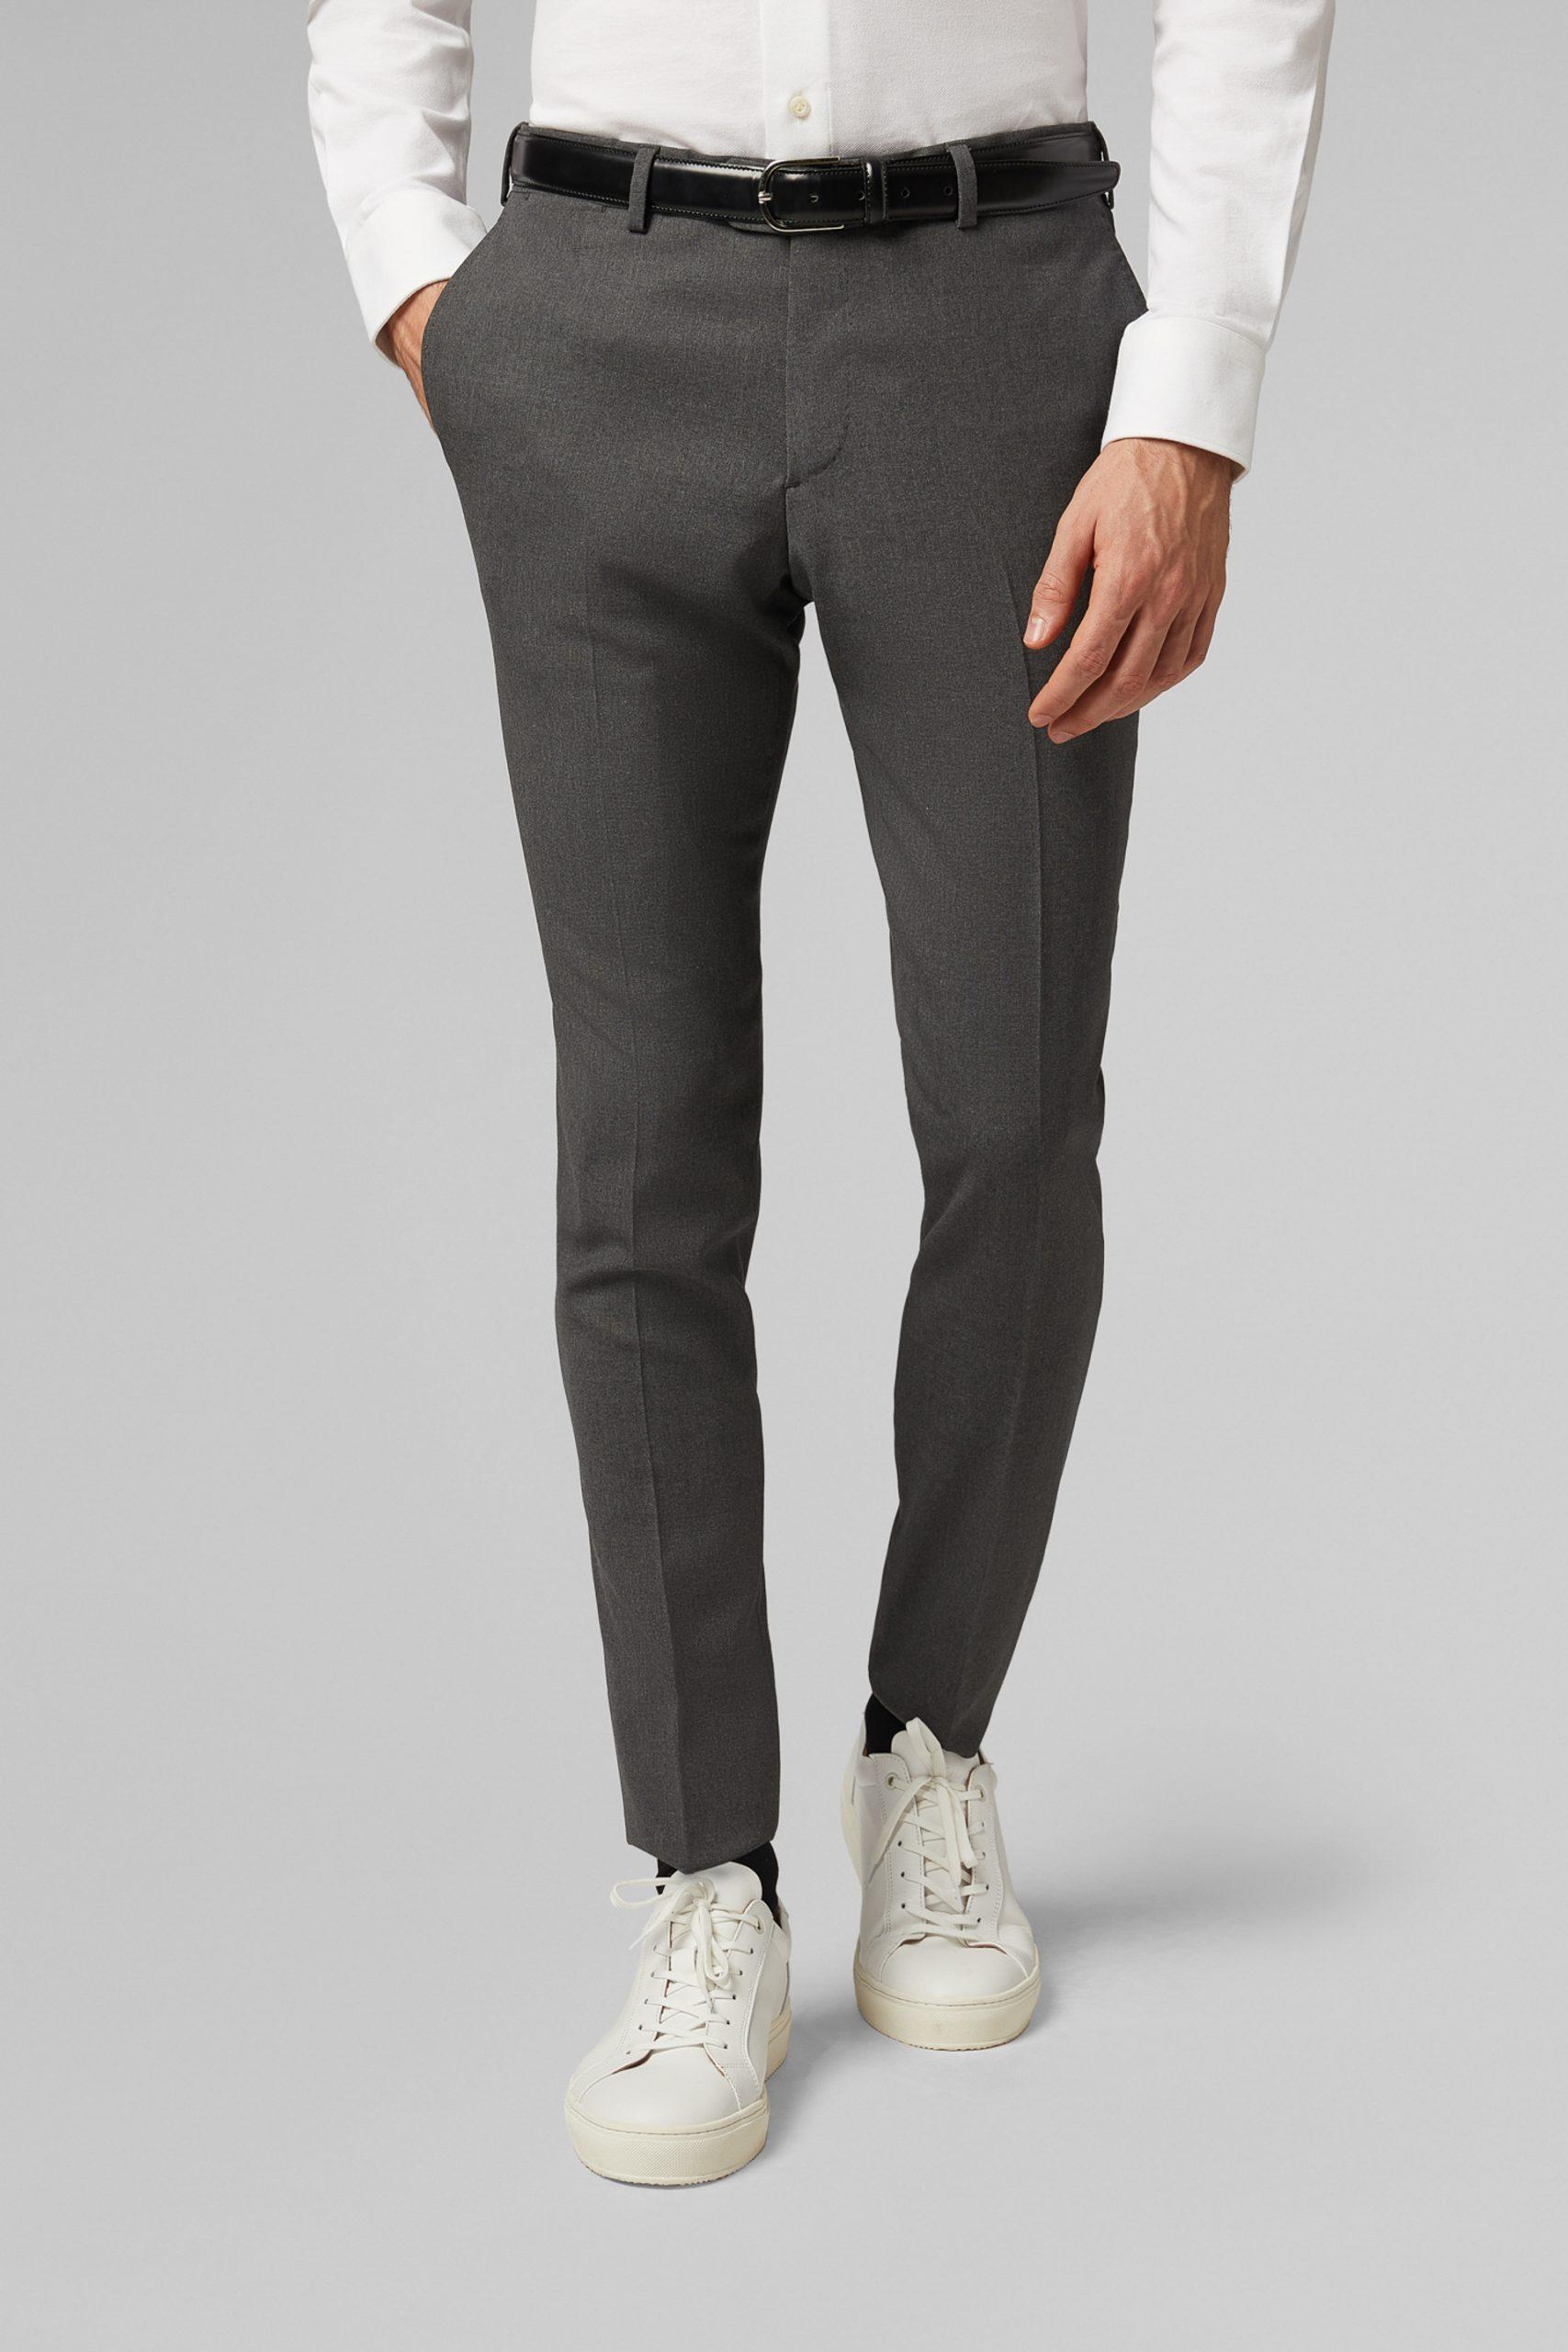 Pantaloni da uomo in colore Grigio in materiale